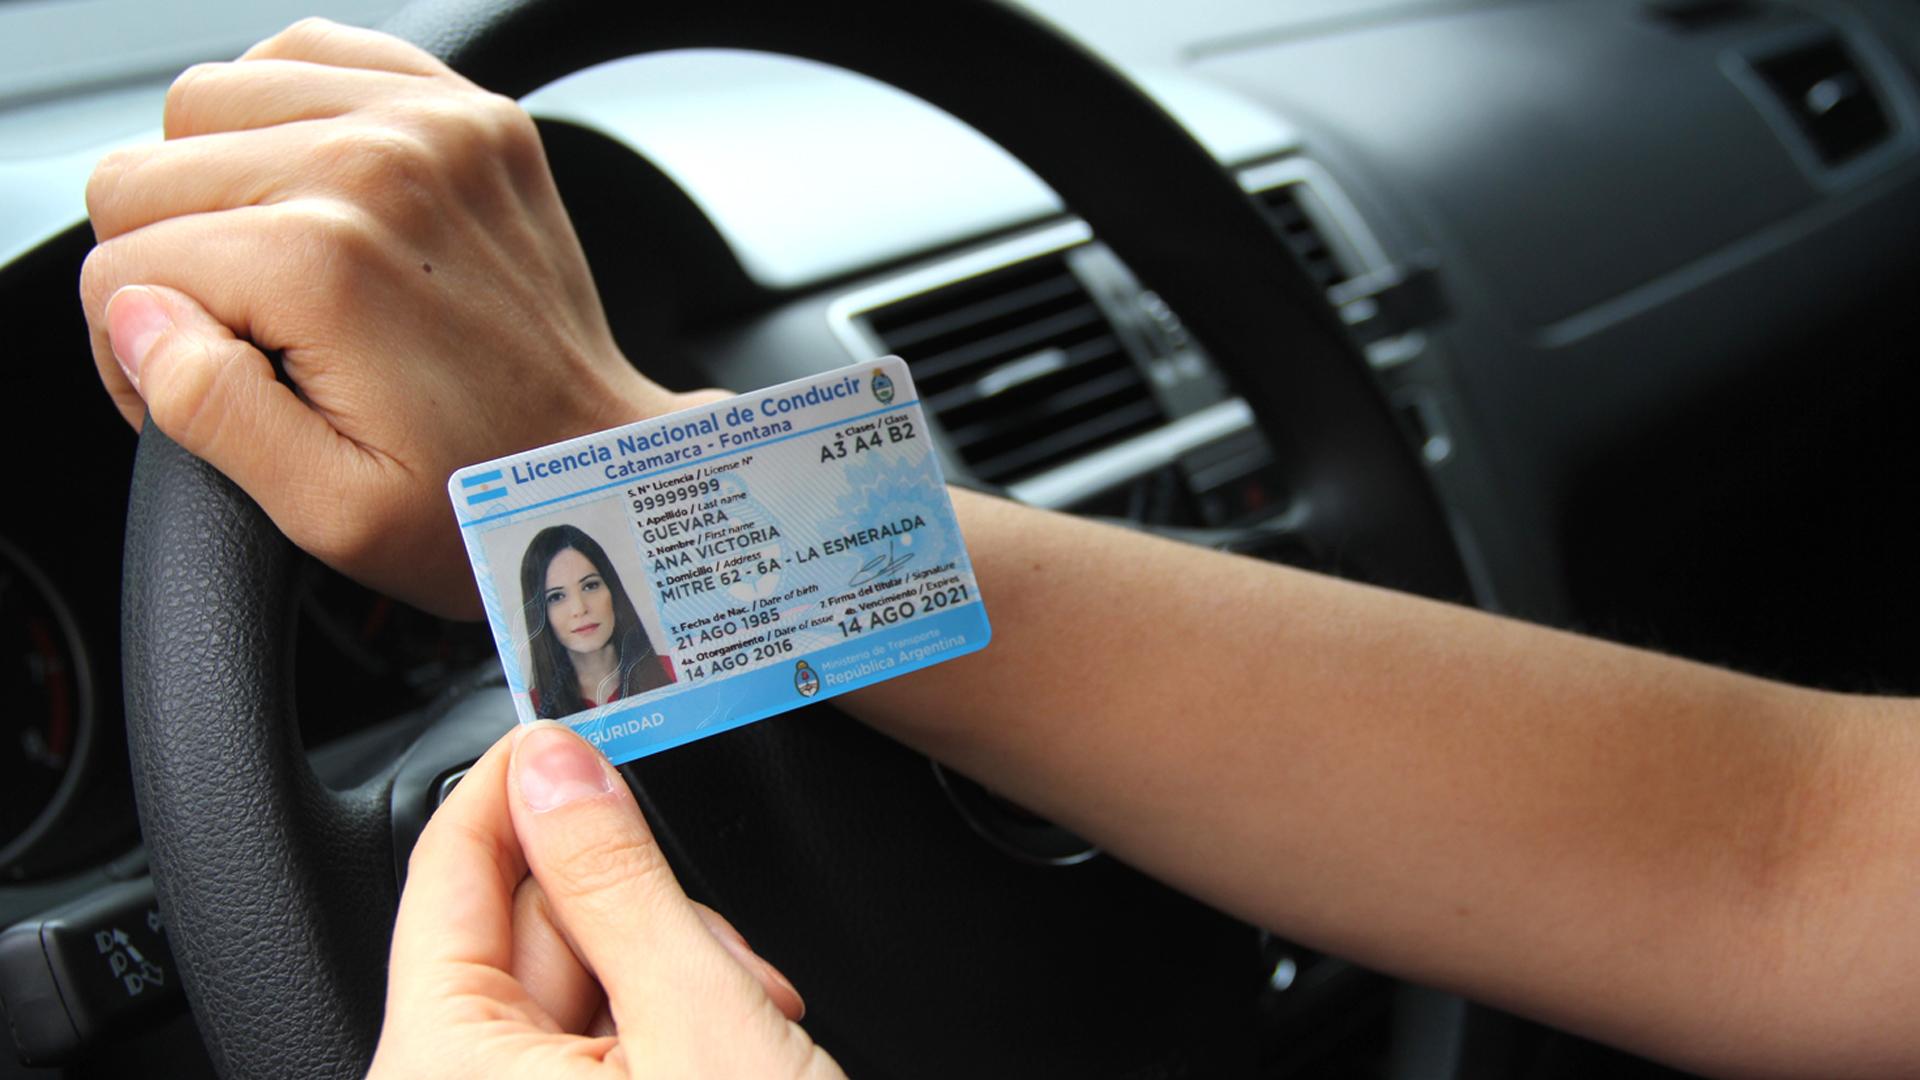 General Pico: Las personas que no pudieron asistir a realizar el trámite de renovación de licencia de conducir debido a las restricciones recibirán un nuevo turno